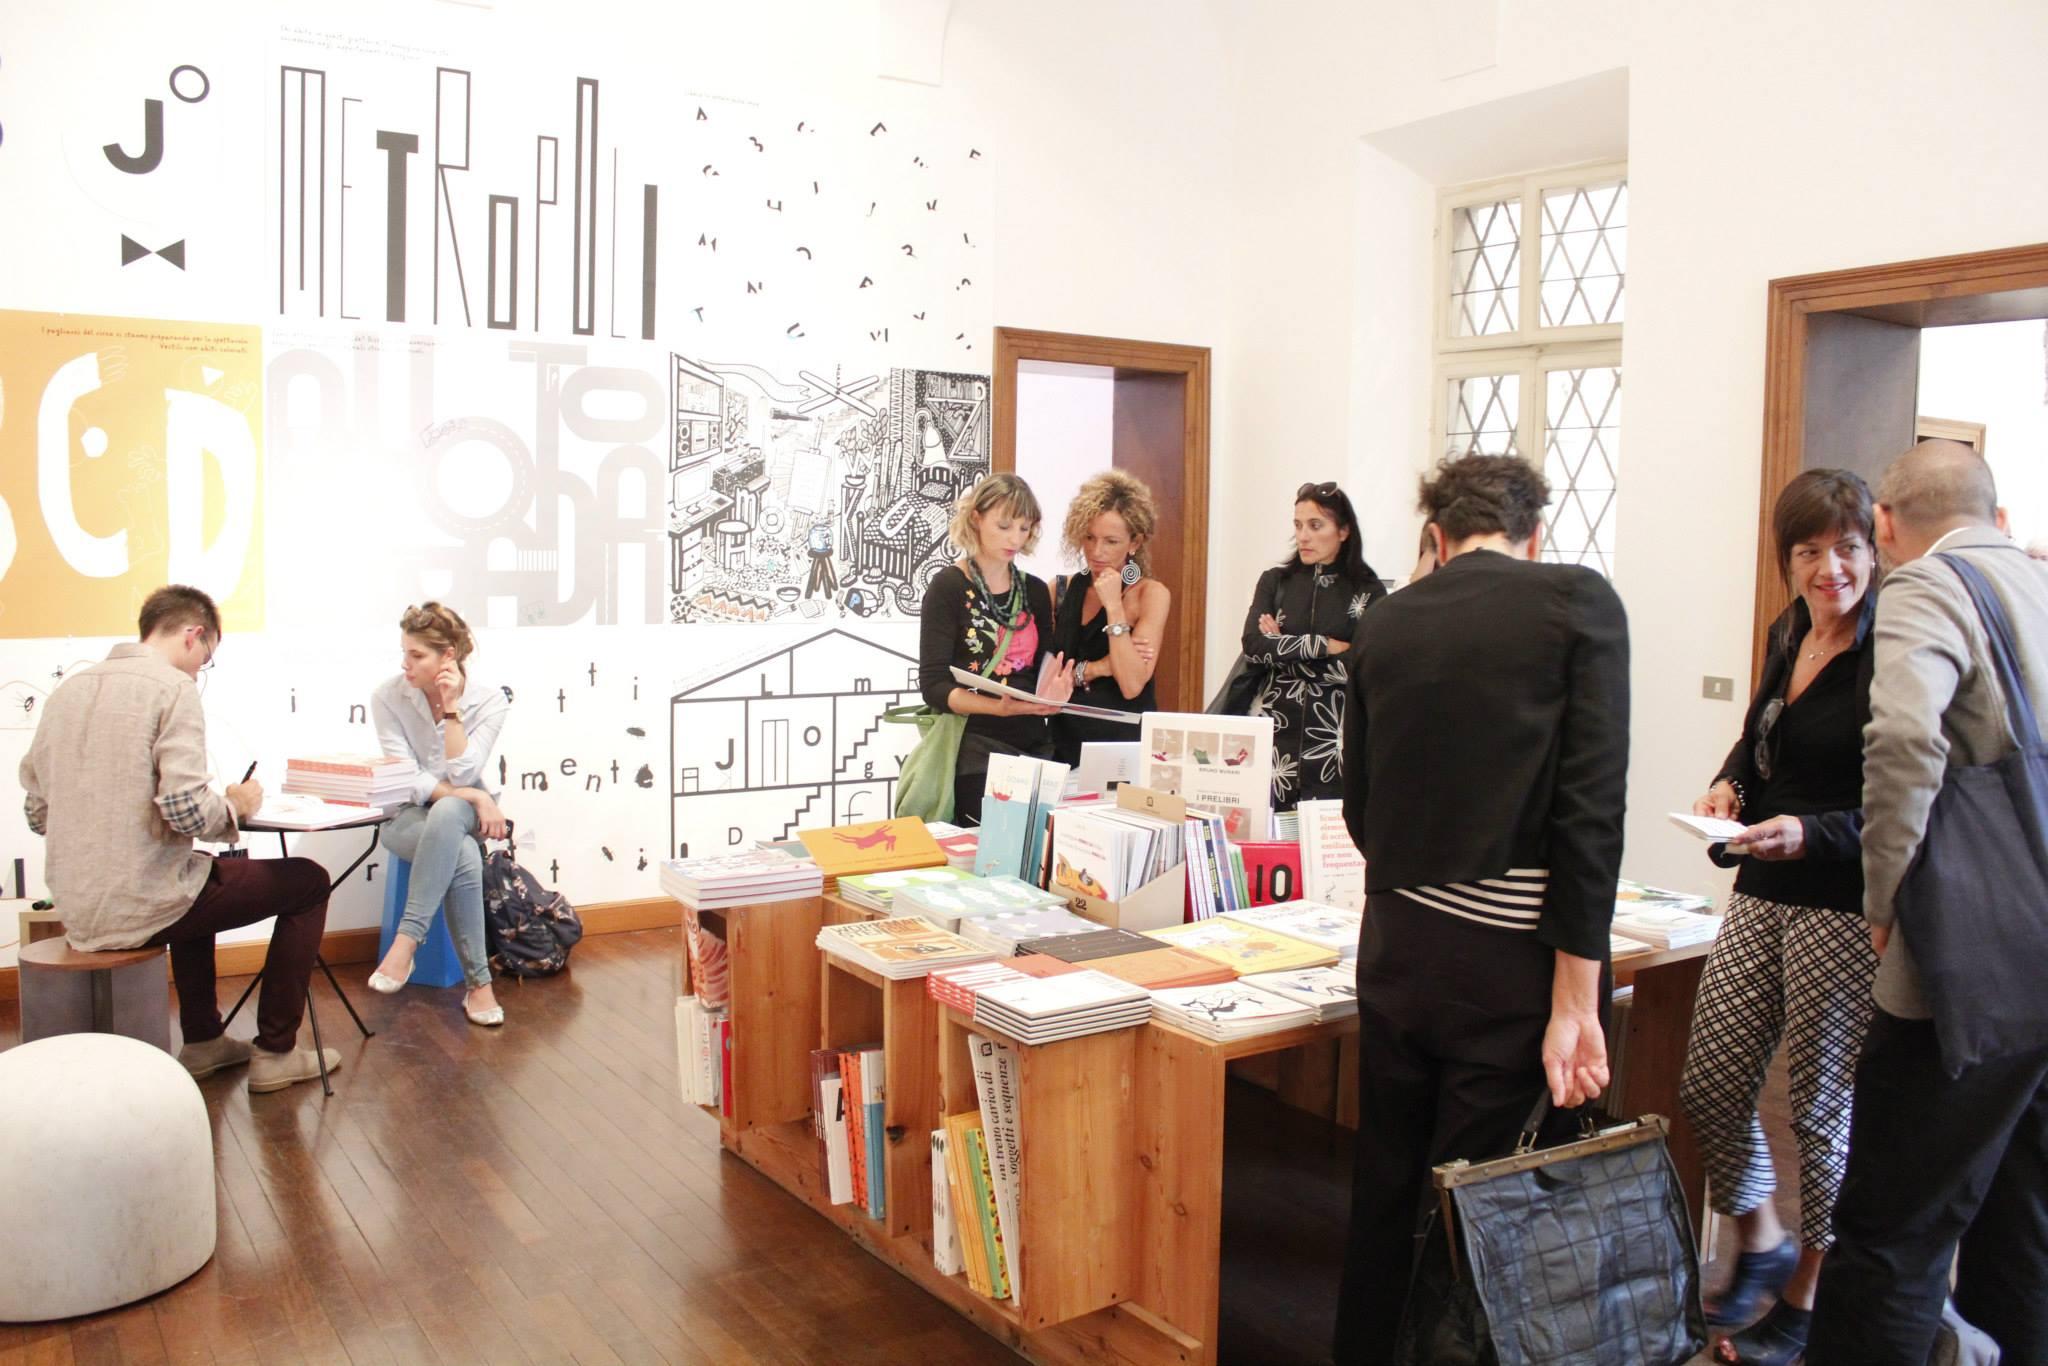 Libreria Trieste Enzo Mari corraini: la libreria che è una casa editrice che è una